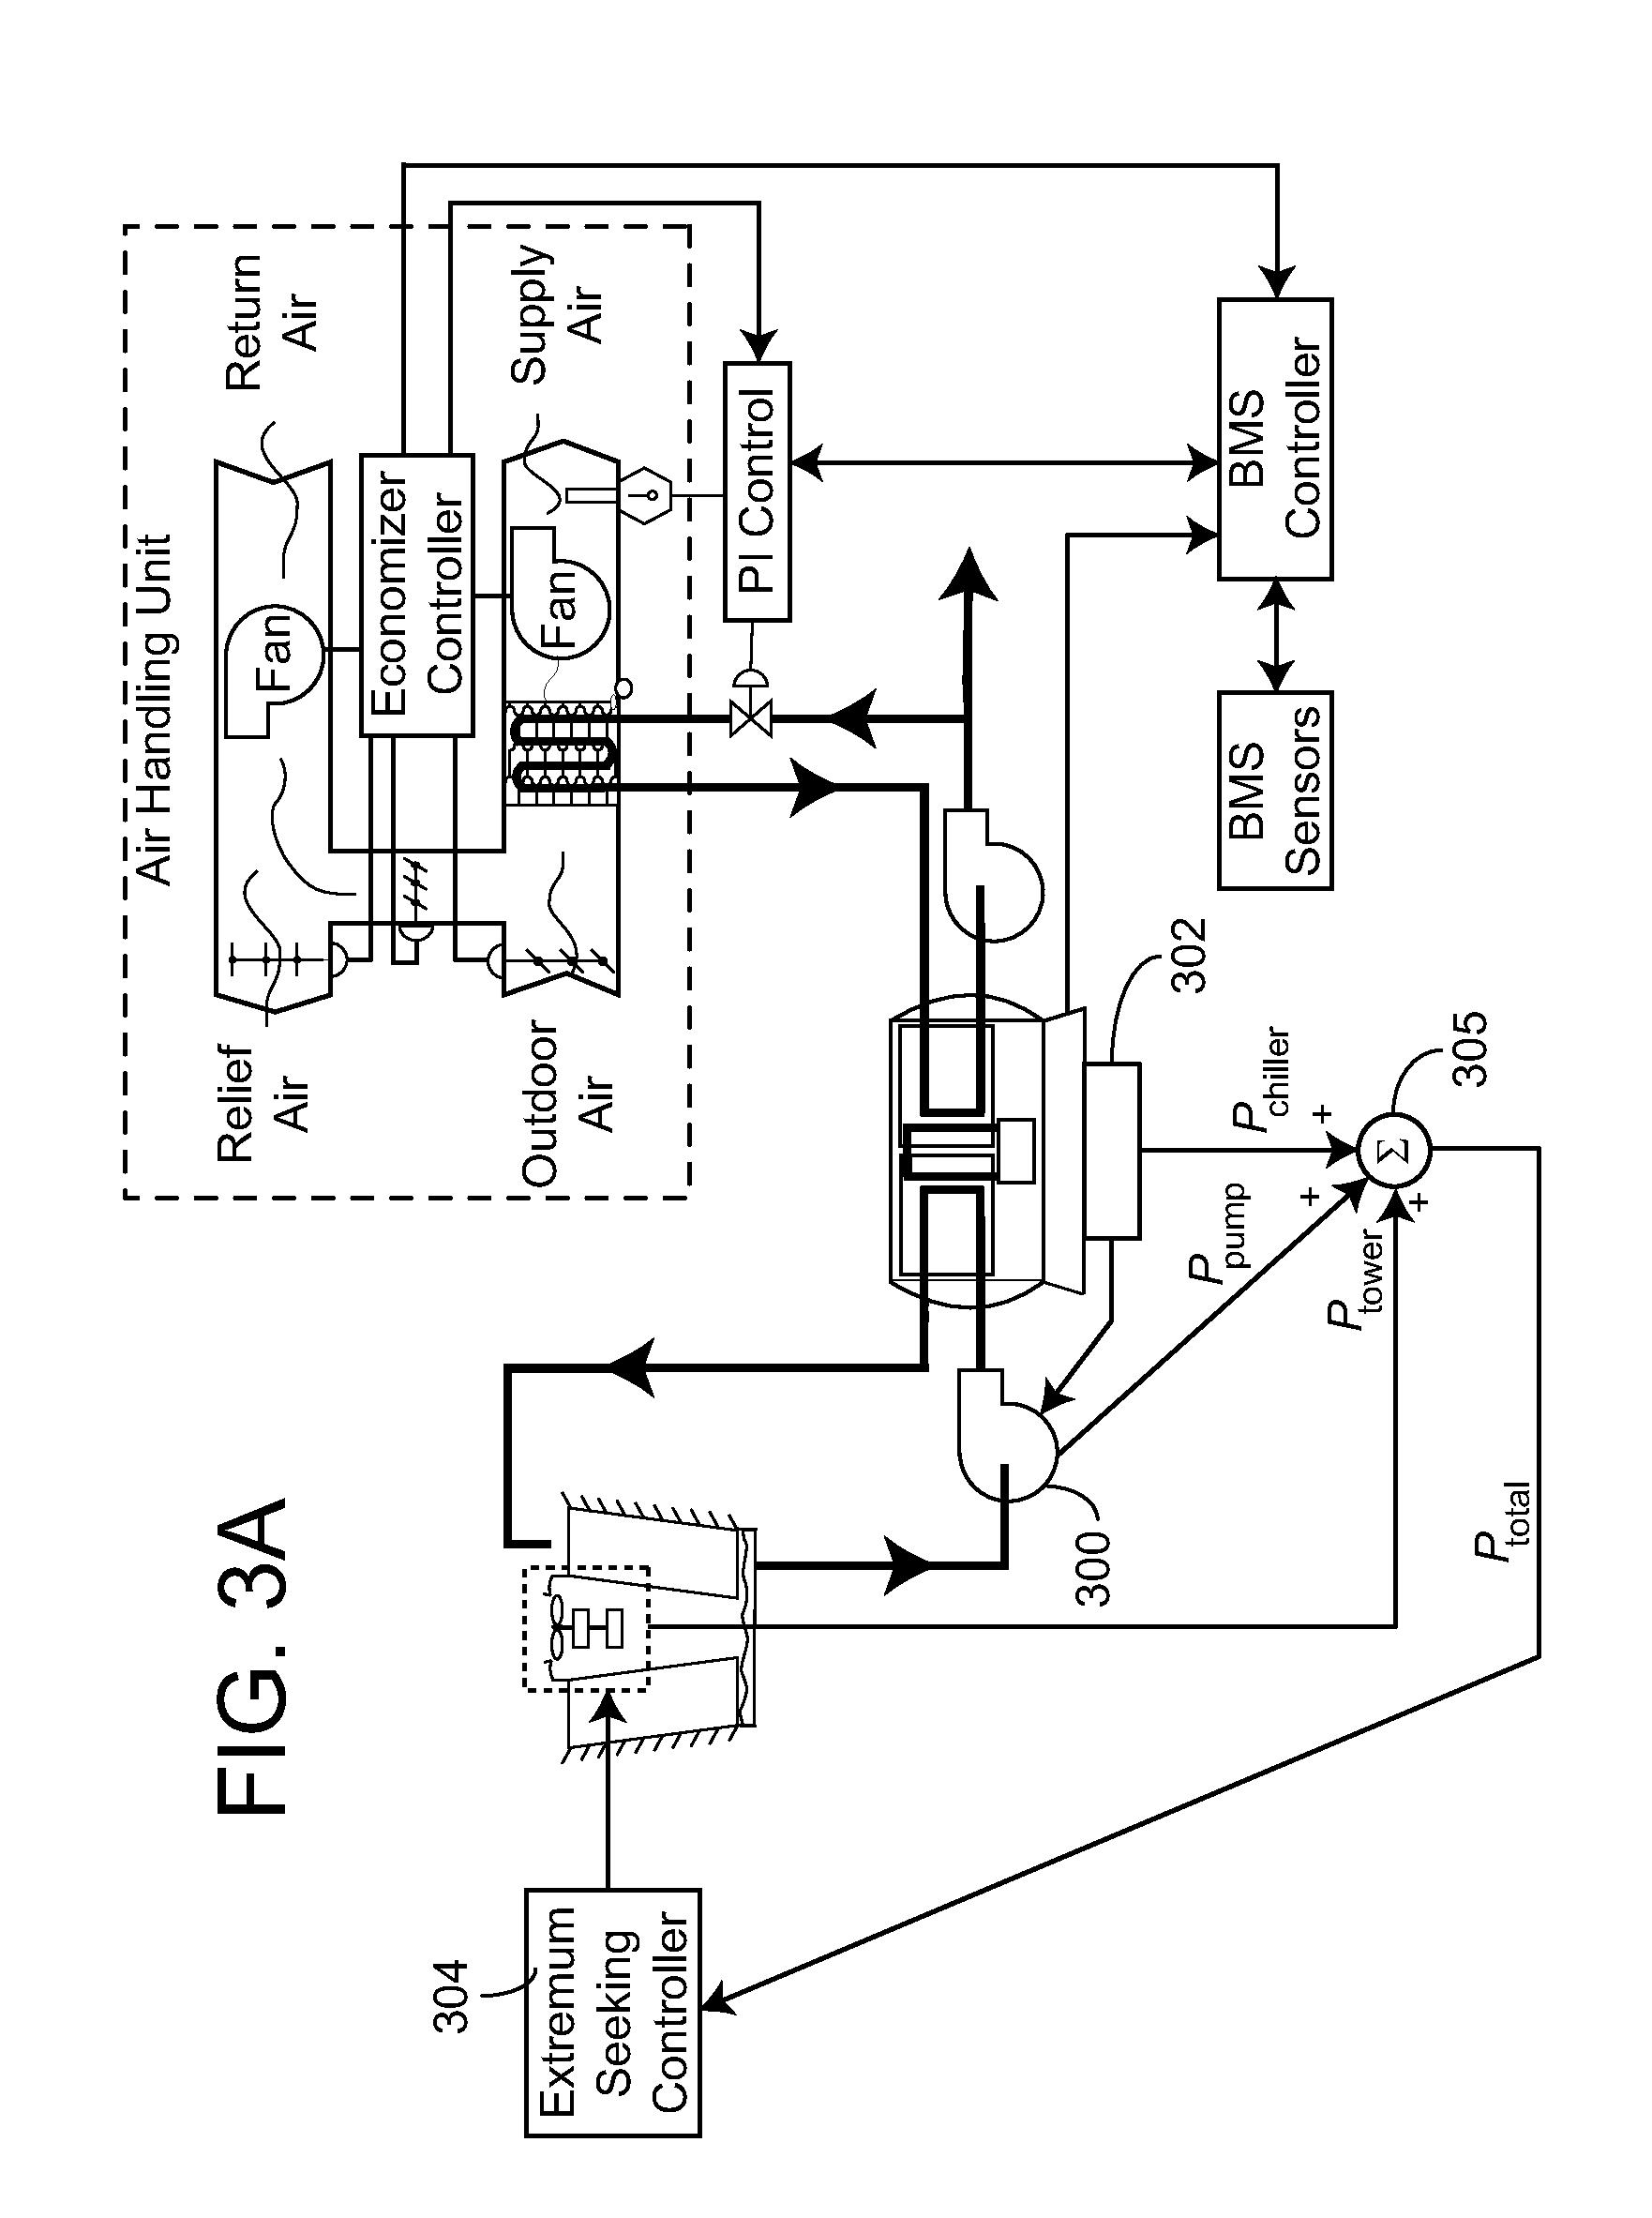 brevetto us8473080